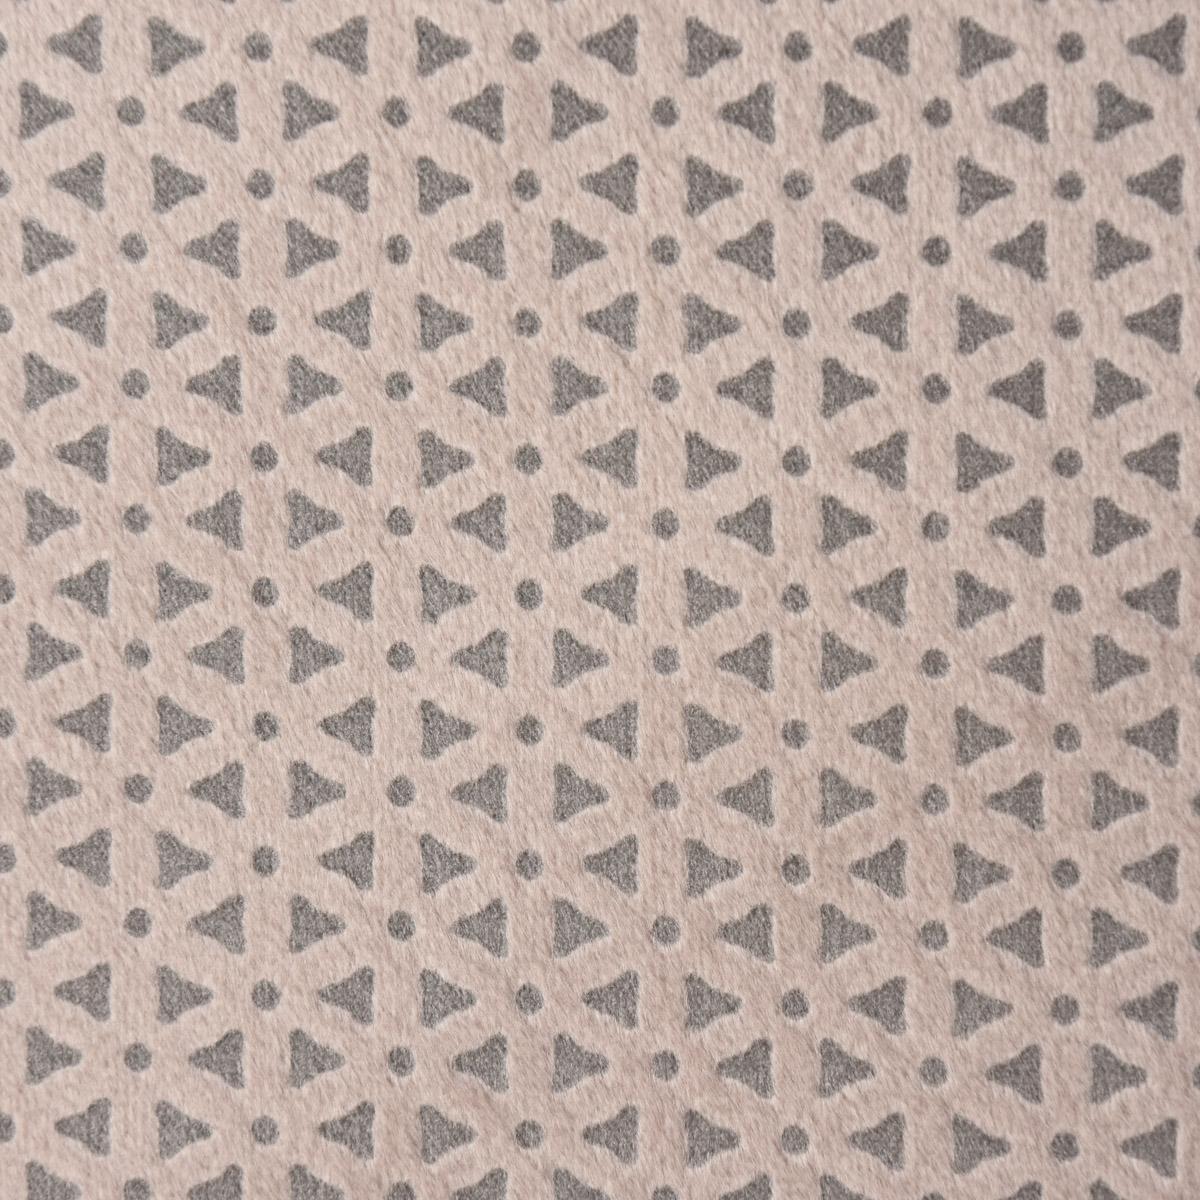 10 Meter Mikrofaser Möbelstoff Polsterstoff Bezugsstoff Deko Gardinen Stoffe